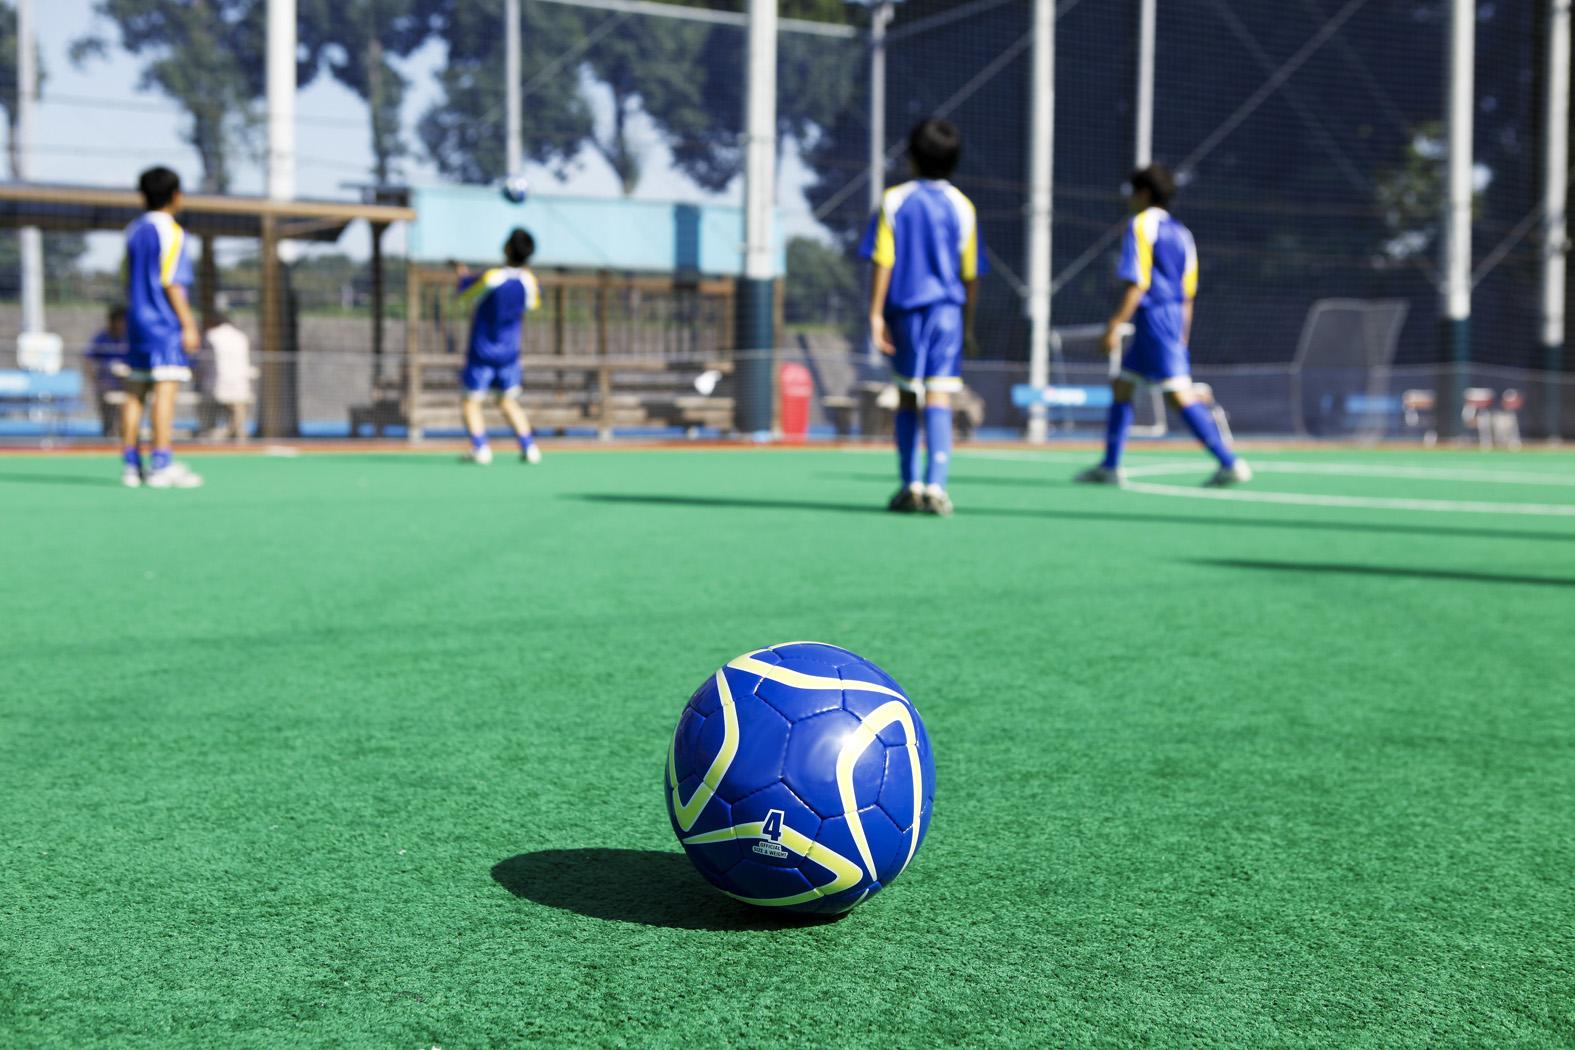 明光サッカースクール 「秋の入会キャンペーン」を実施 ~入会金無料でプロの技を体験~